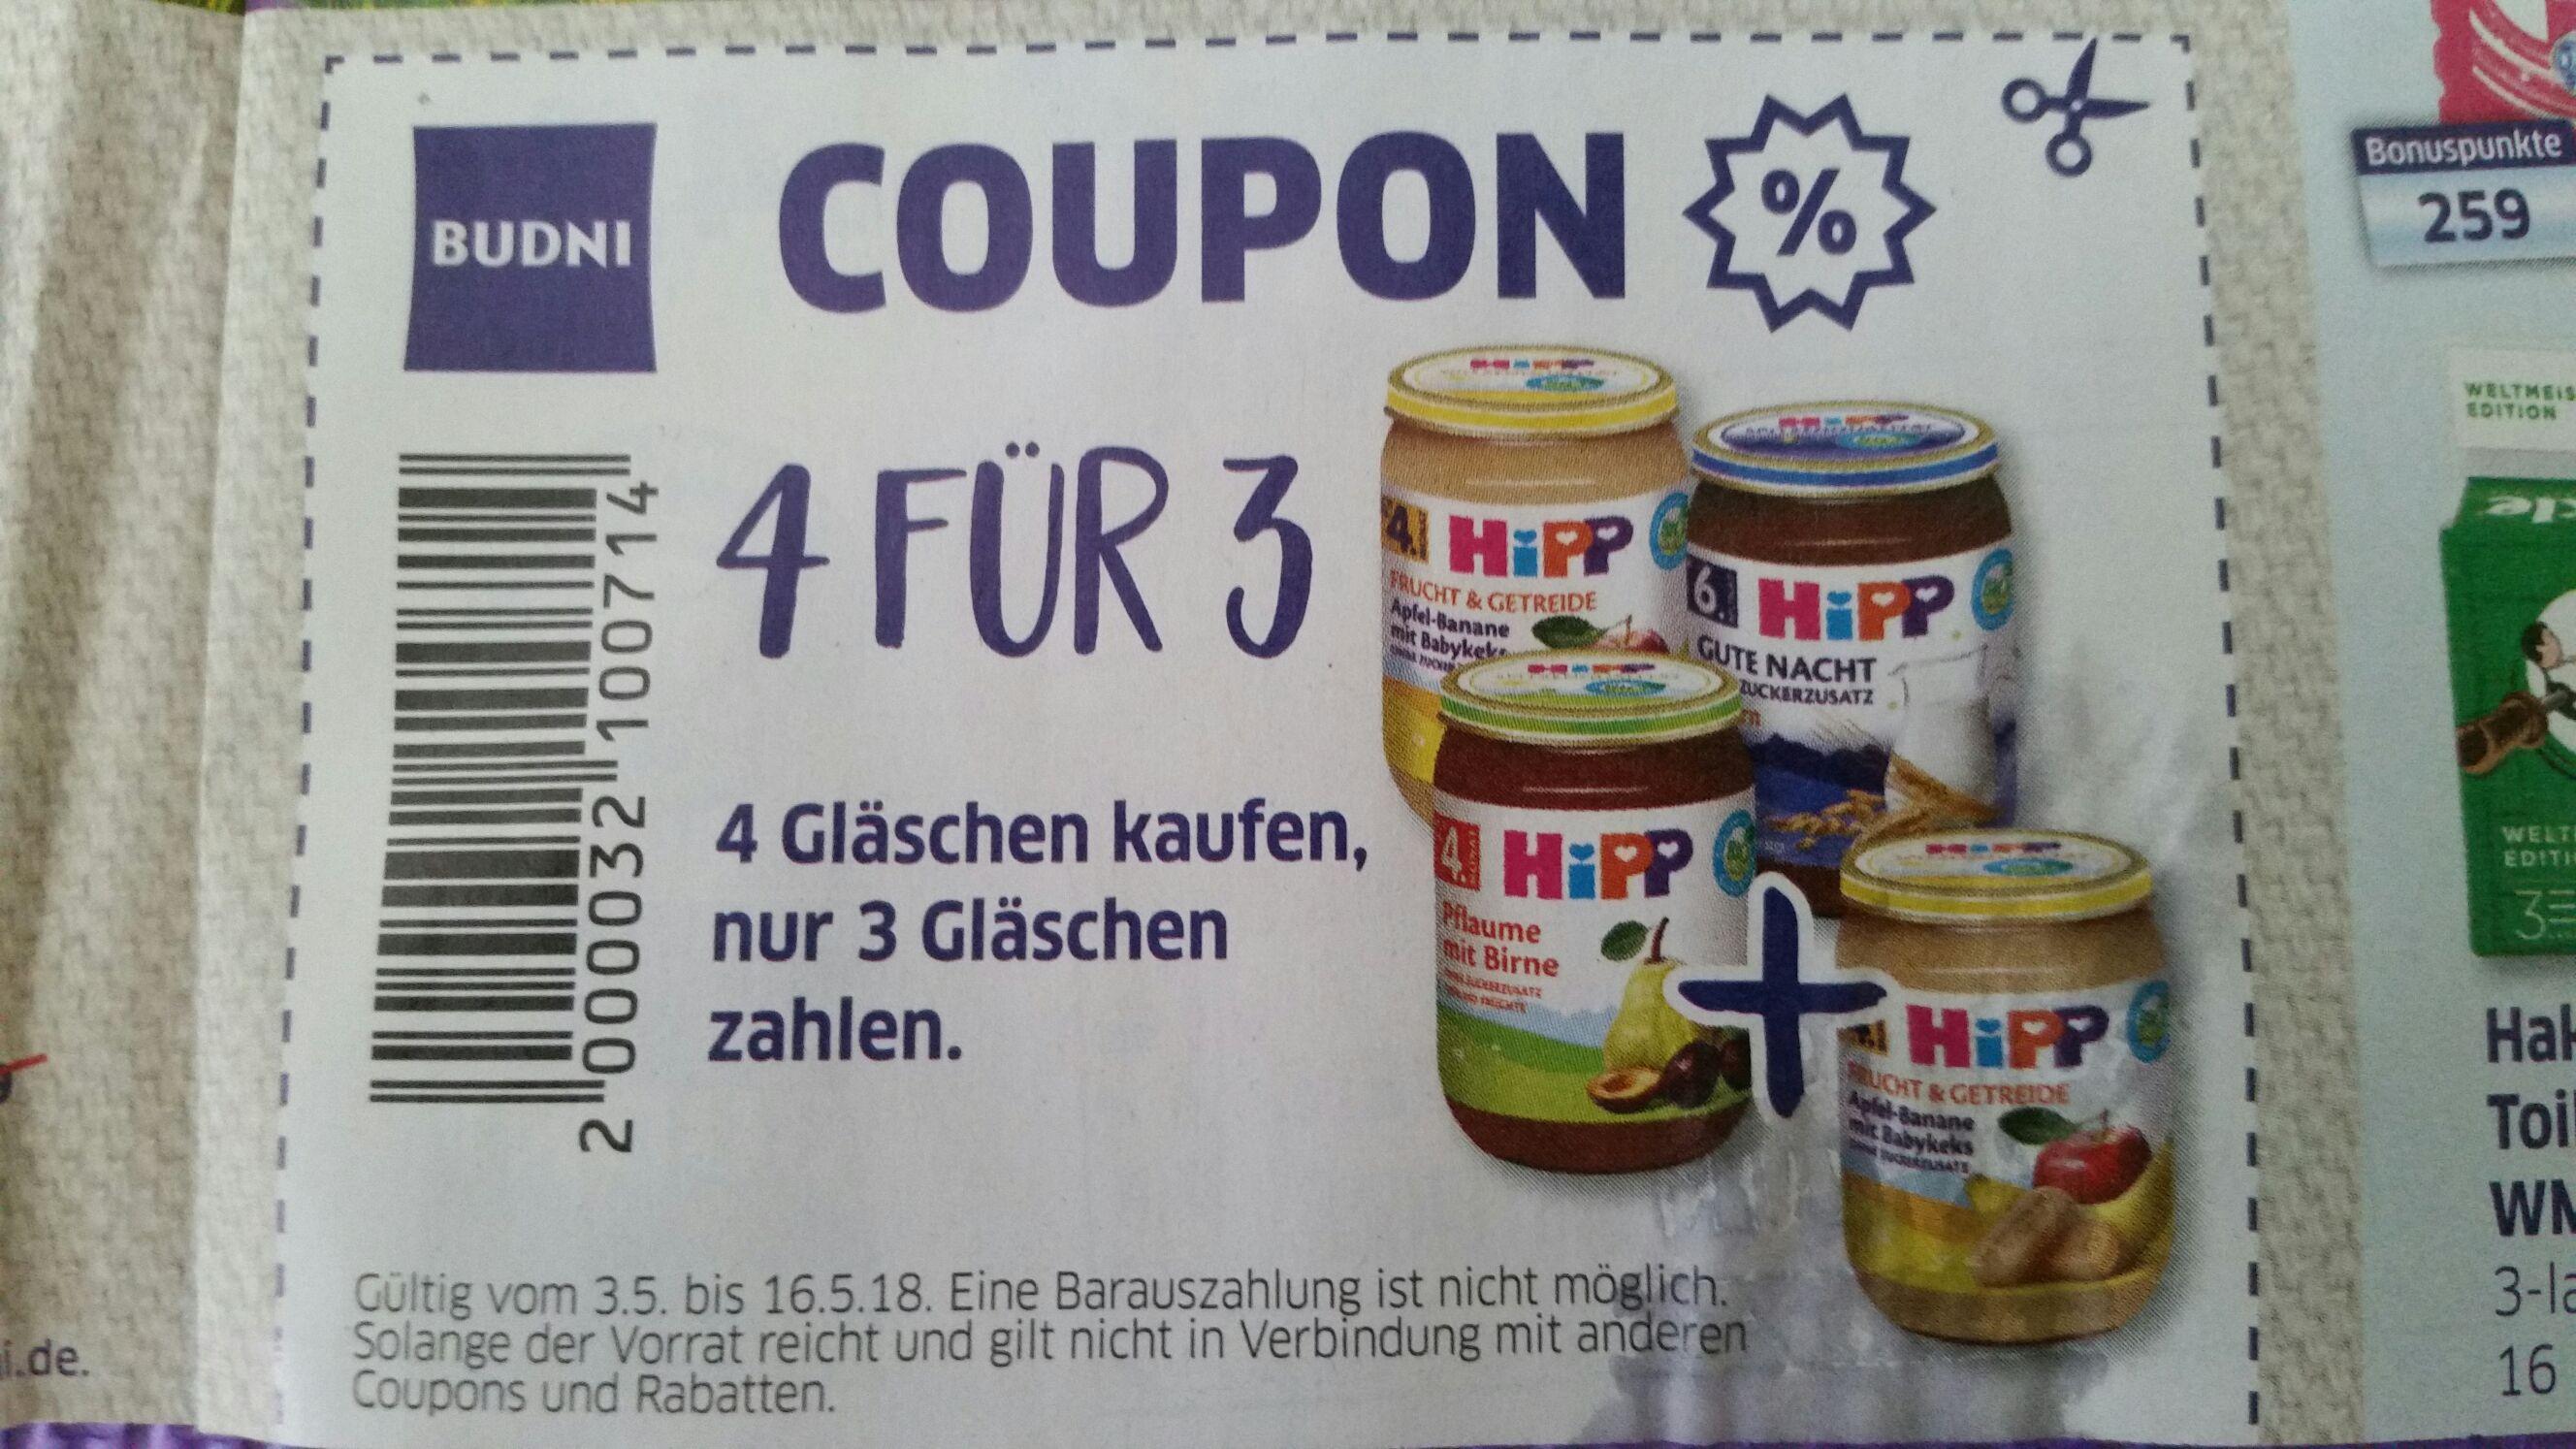 [LOKAL HH] HIPP 4 für 3 Coupon Budnikowski = 0,67 € pro Glas (3.5. - 16.5.2018)